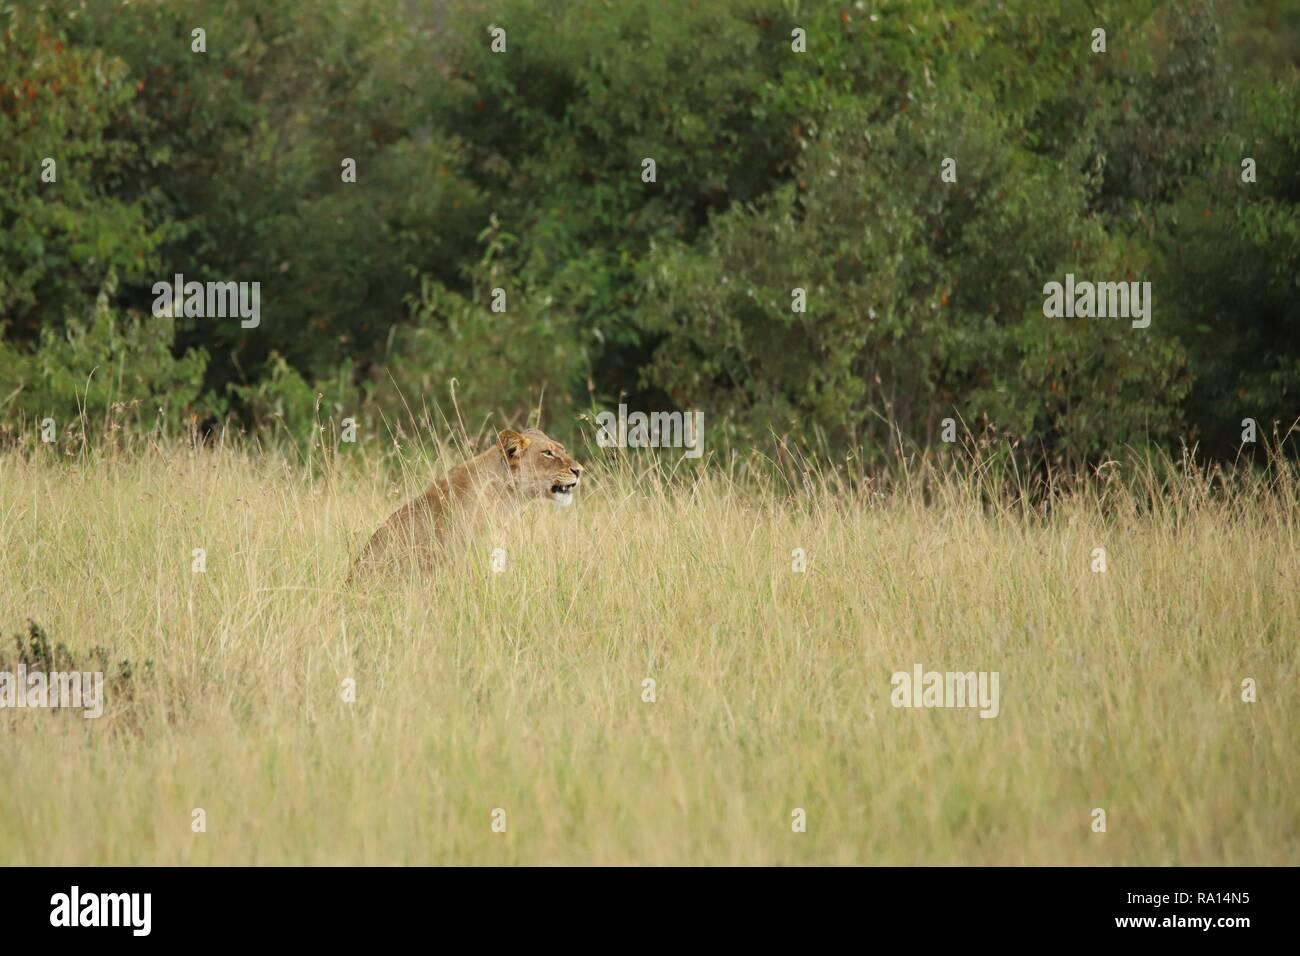 Ein Löwe sitzt im hohen Gras Stockfoto